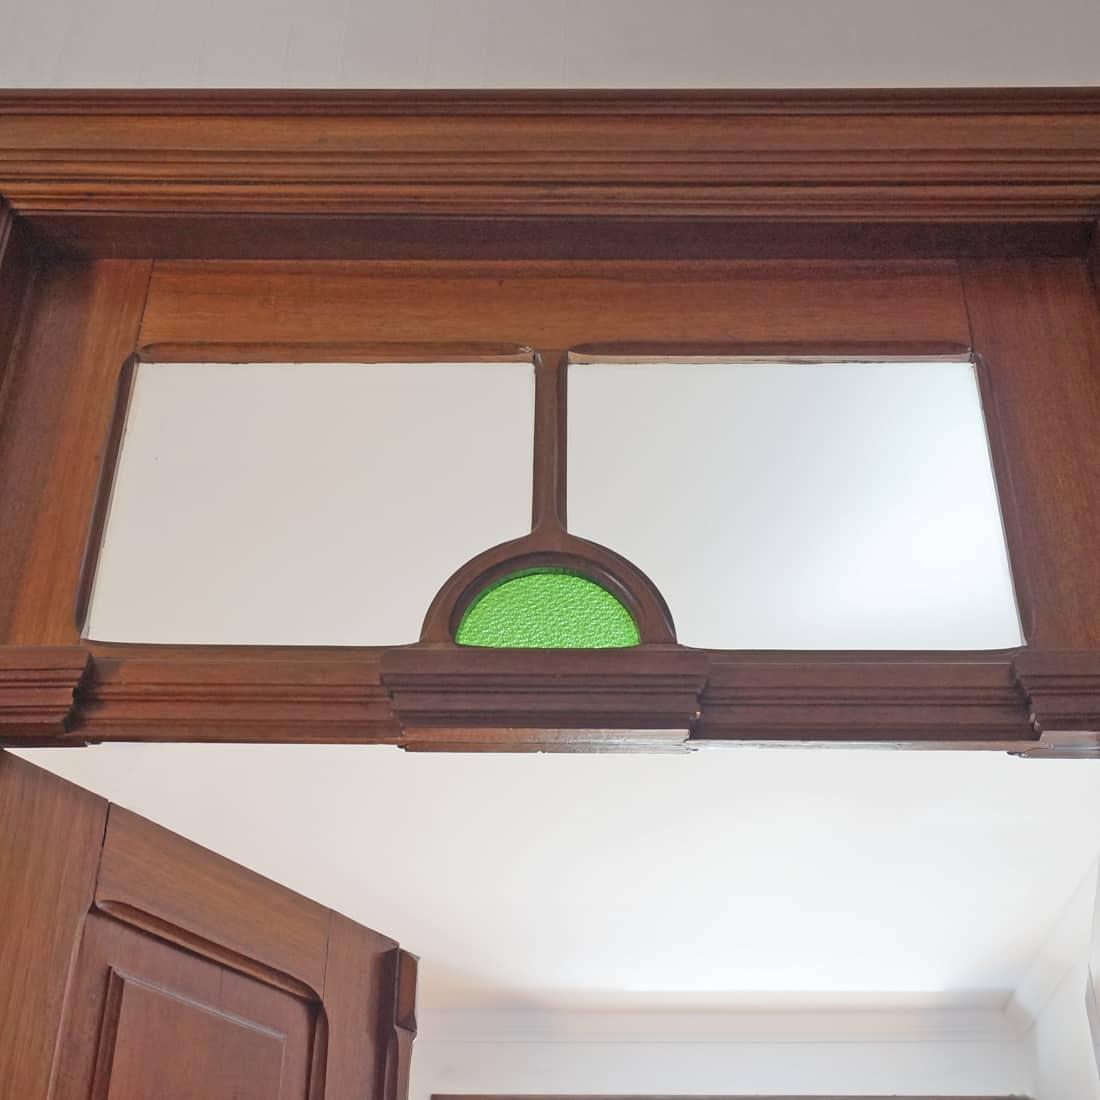 ... Das Ganze Haus, Ist Voll Von Einfach Nur Hammermäßig Wunderschönen  Holztüren, Die Natürlich Mit Glas Verziert Sind. Die Meisten Davon Sind  Doppelflüglig ...